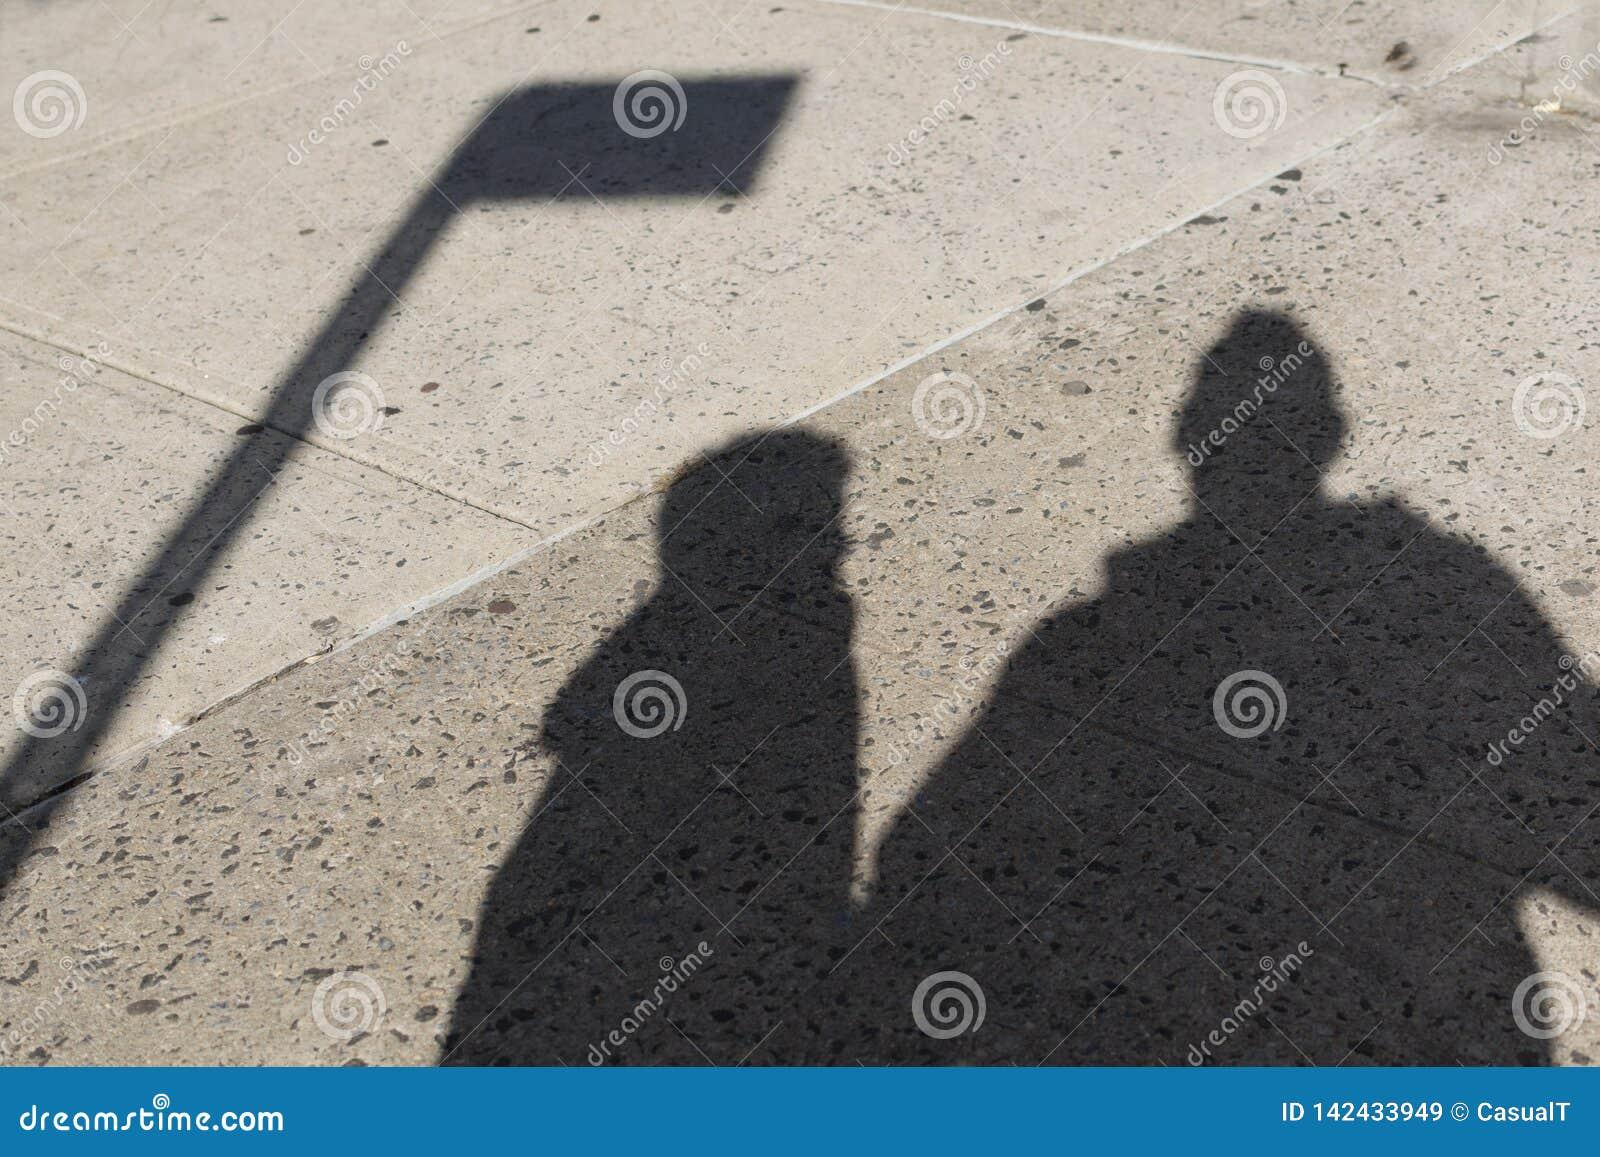 Schaduwen van een vader en zijn zoon op een ruwe concrete straat